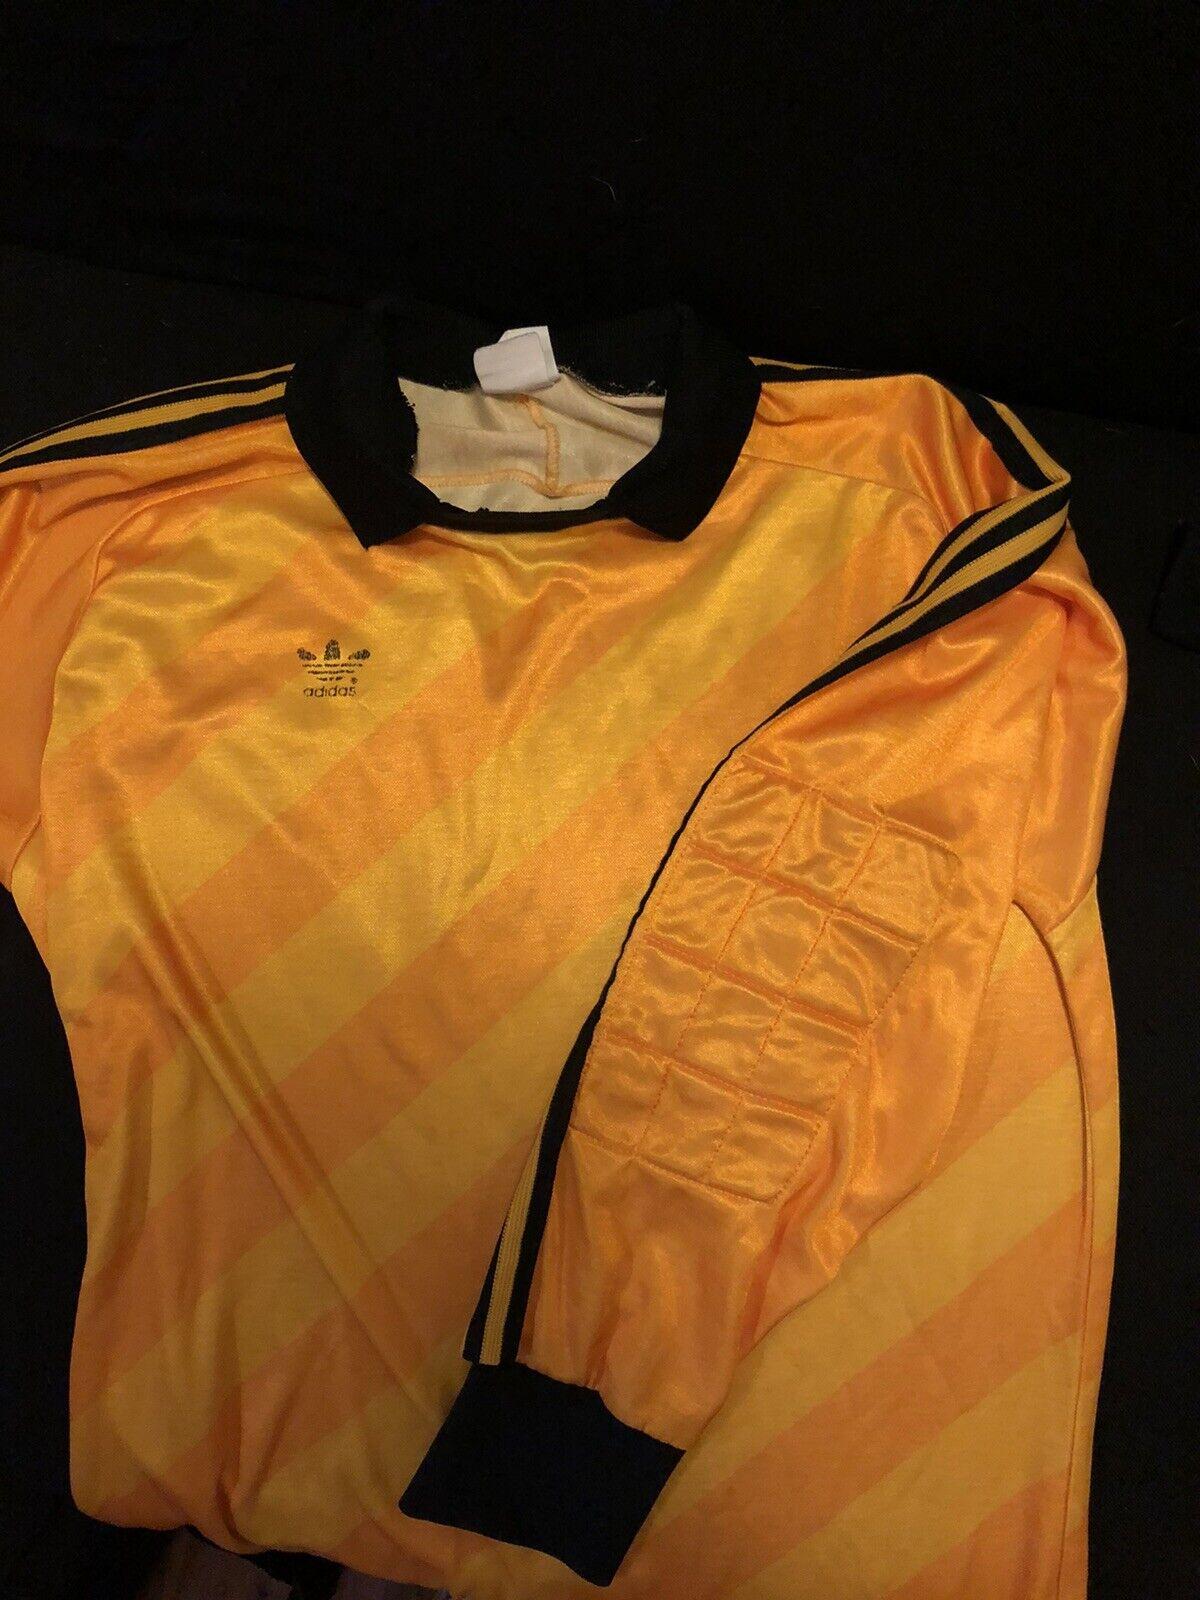 Vintage Adidas Tre Foil 80s Goalie Jersey - Gem